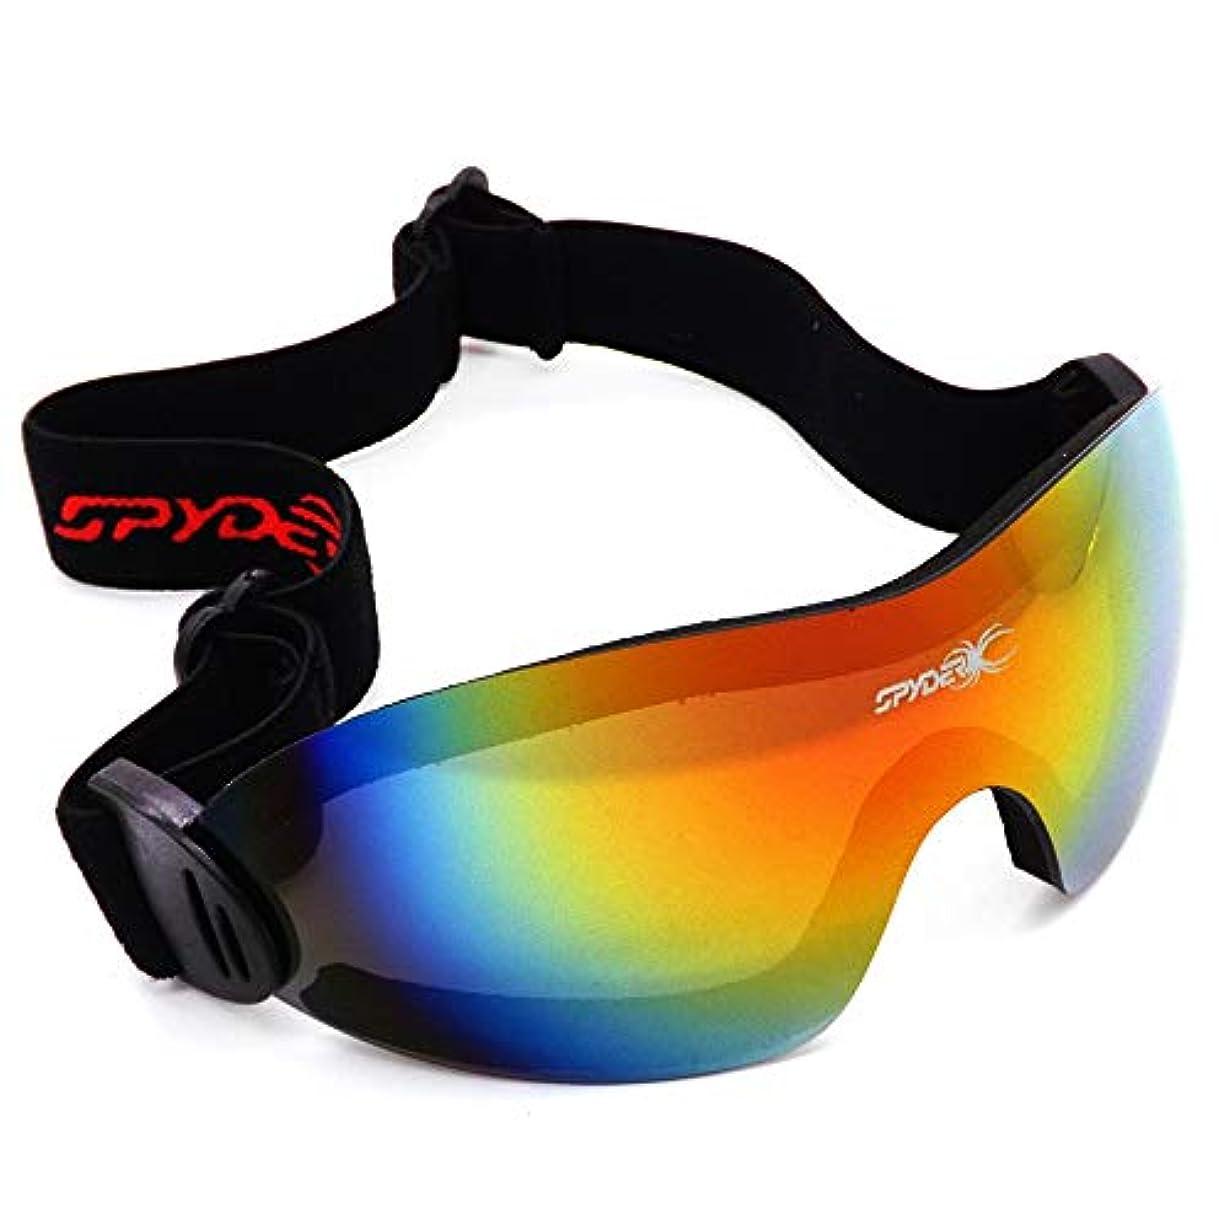 ボーカルステレオタイプ離れたスポーツサイクリングサングラス、 偏光レンズ固定式滑り止めスキーガラスサングラスレンズ移動式サイクリング用ウィンドメガネ